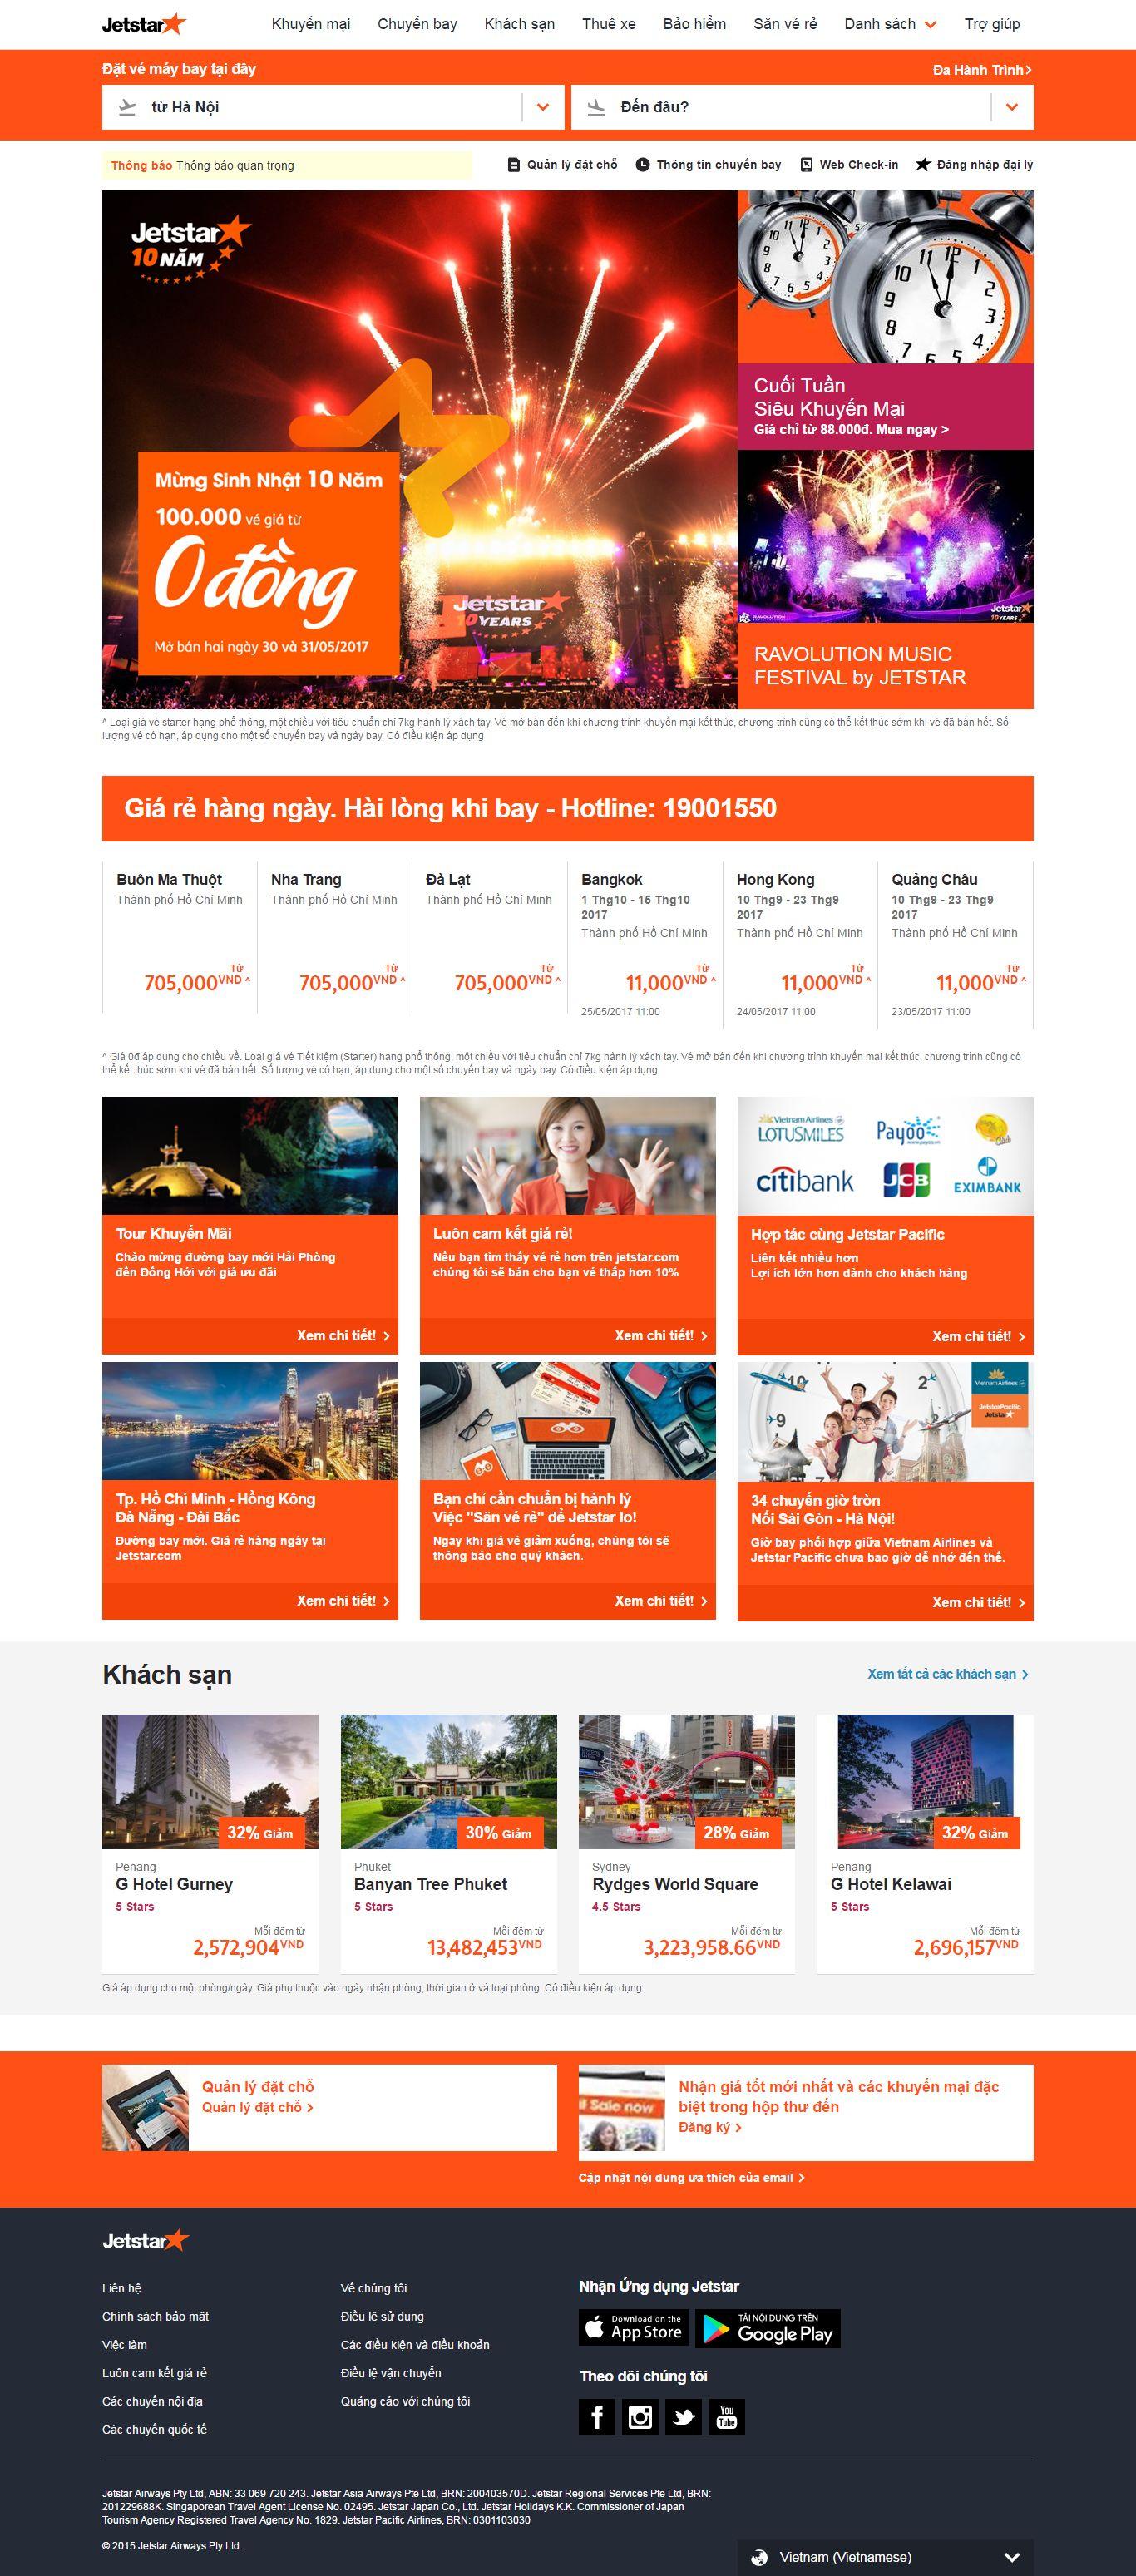 Thiết kế website vé máy bay jetstar đẹp, chuyên nghiệp chuẩn SEO